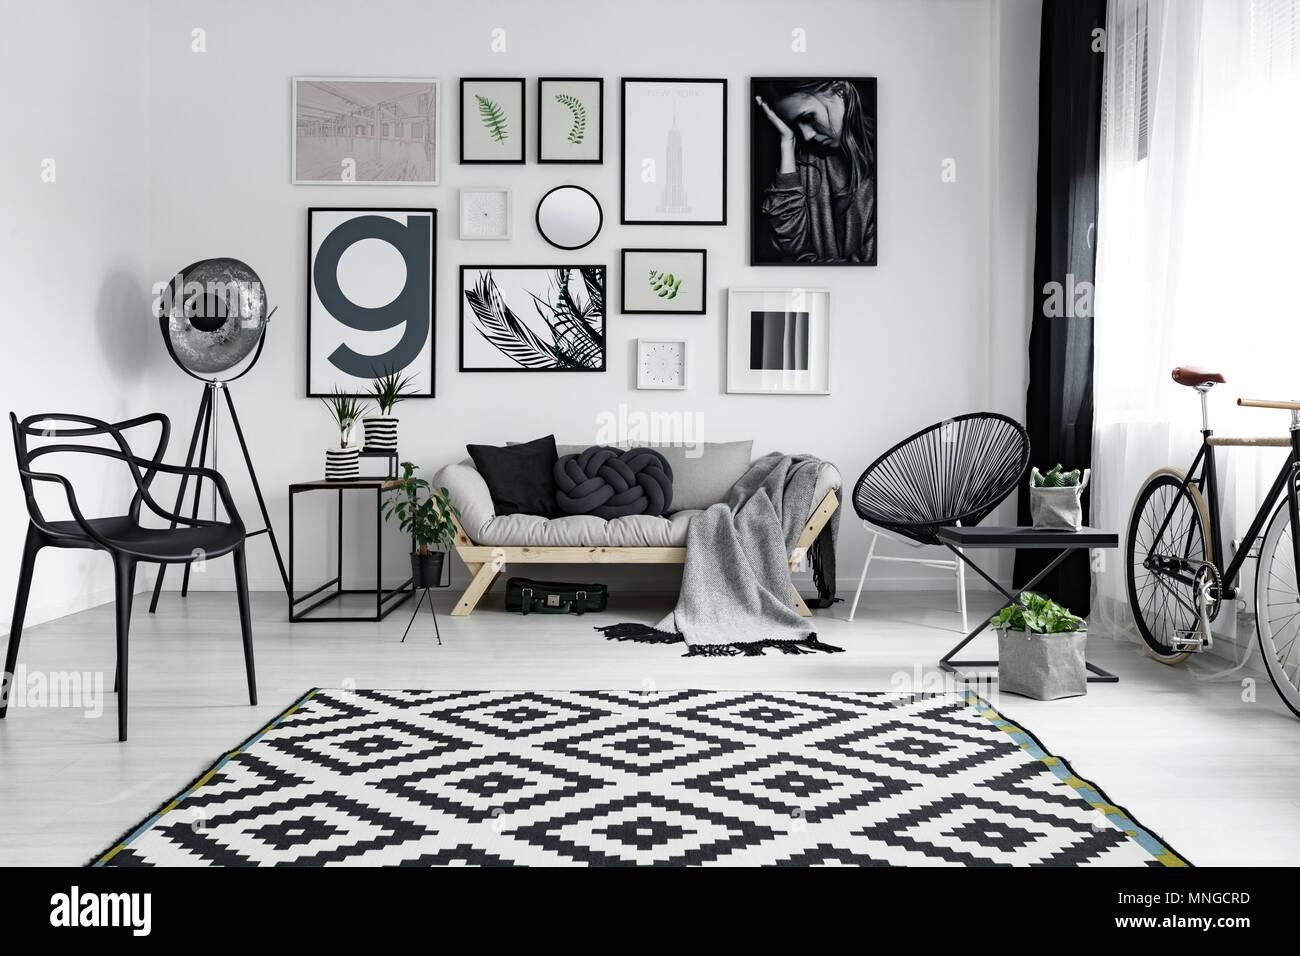 375e3c62e2717b Gemusterten Teppich im gemütlichen Wohnzimmer in Schwarz und Weiß ...